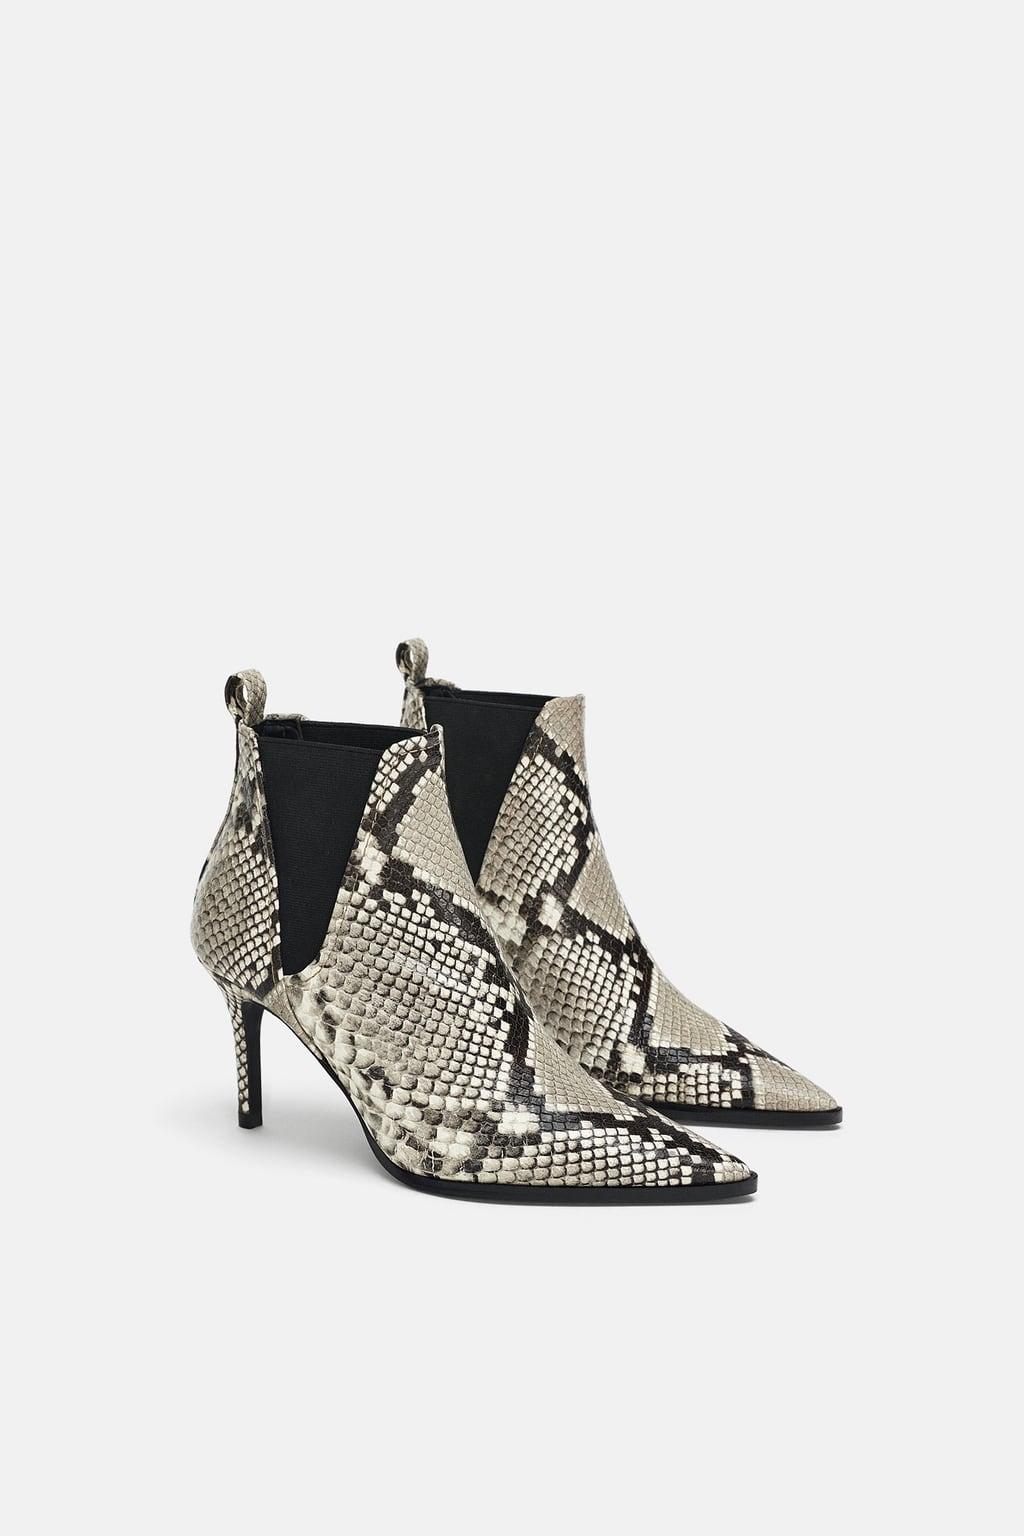 Snakeskin Boots - £59.99